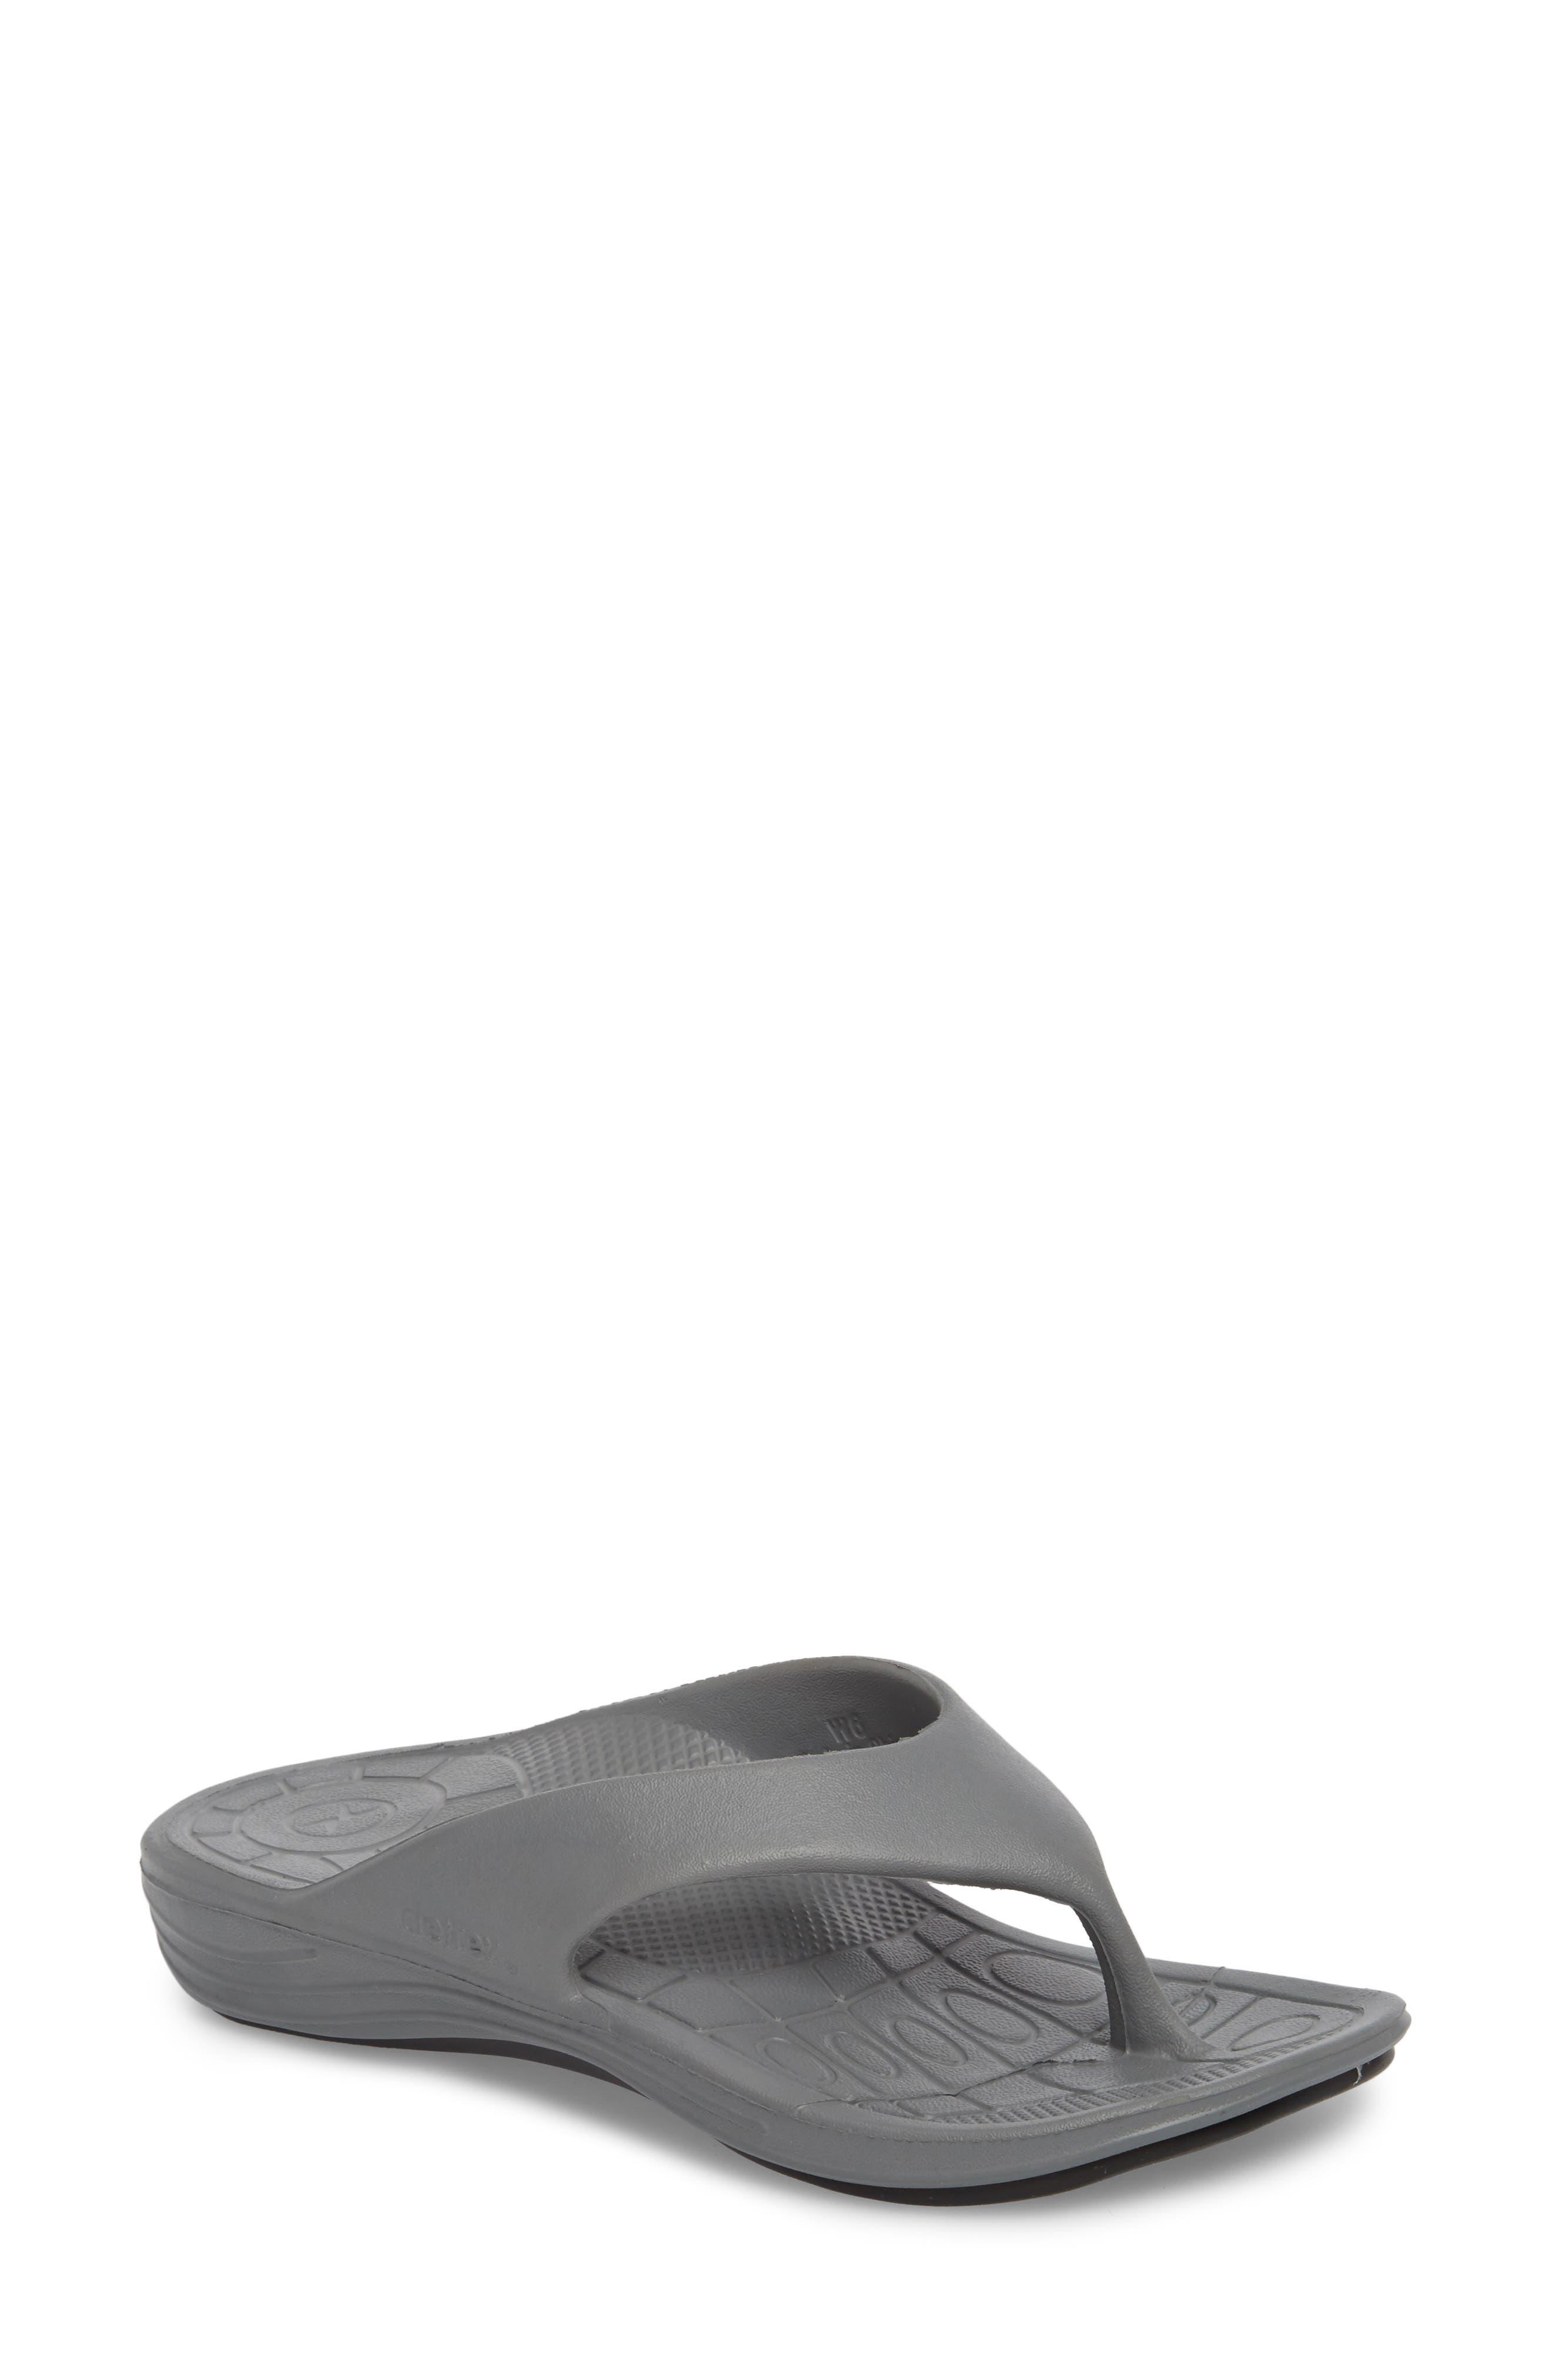 Lynco Flip Flop,                         Main,                         color, GREY